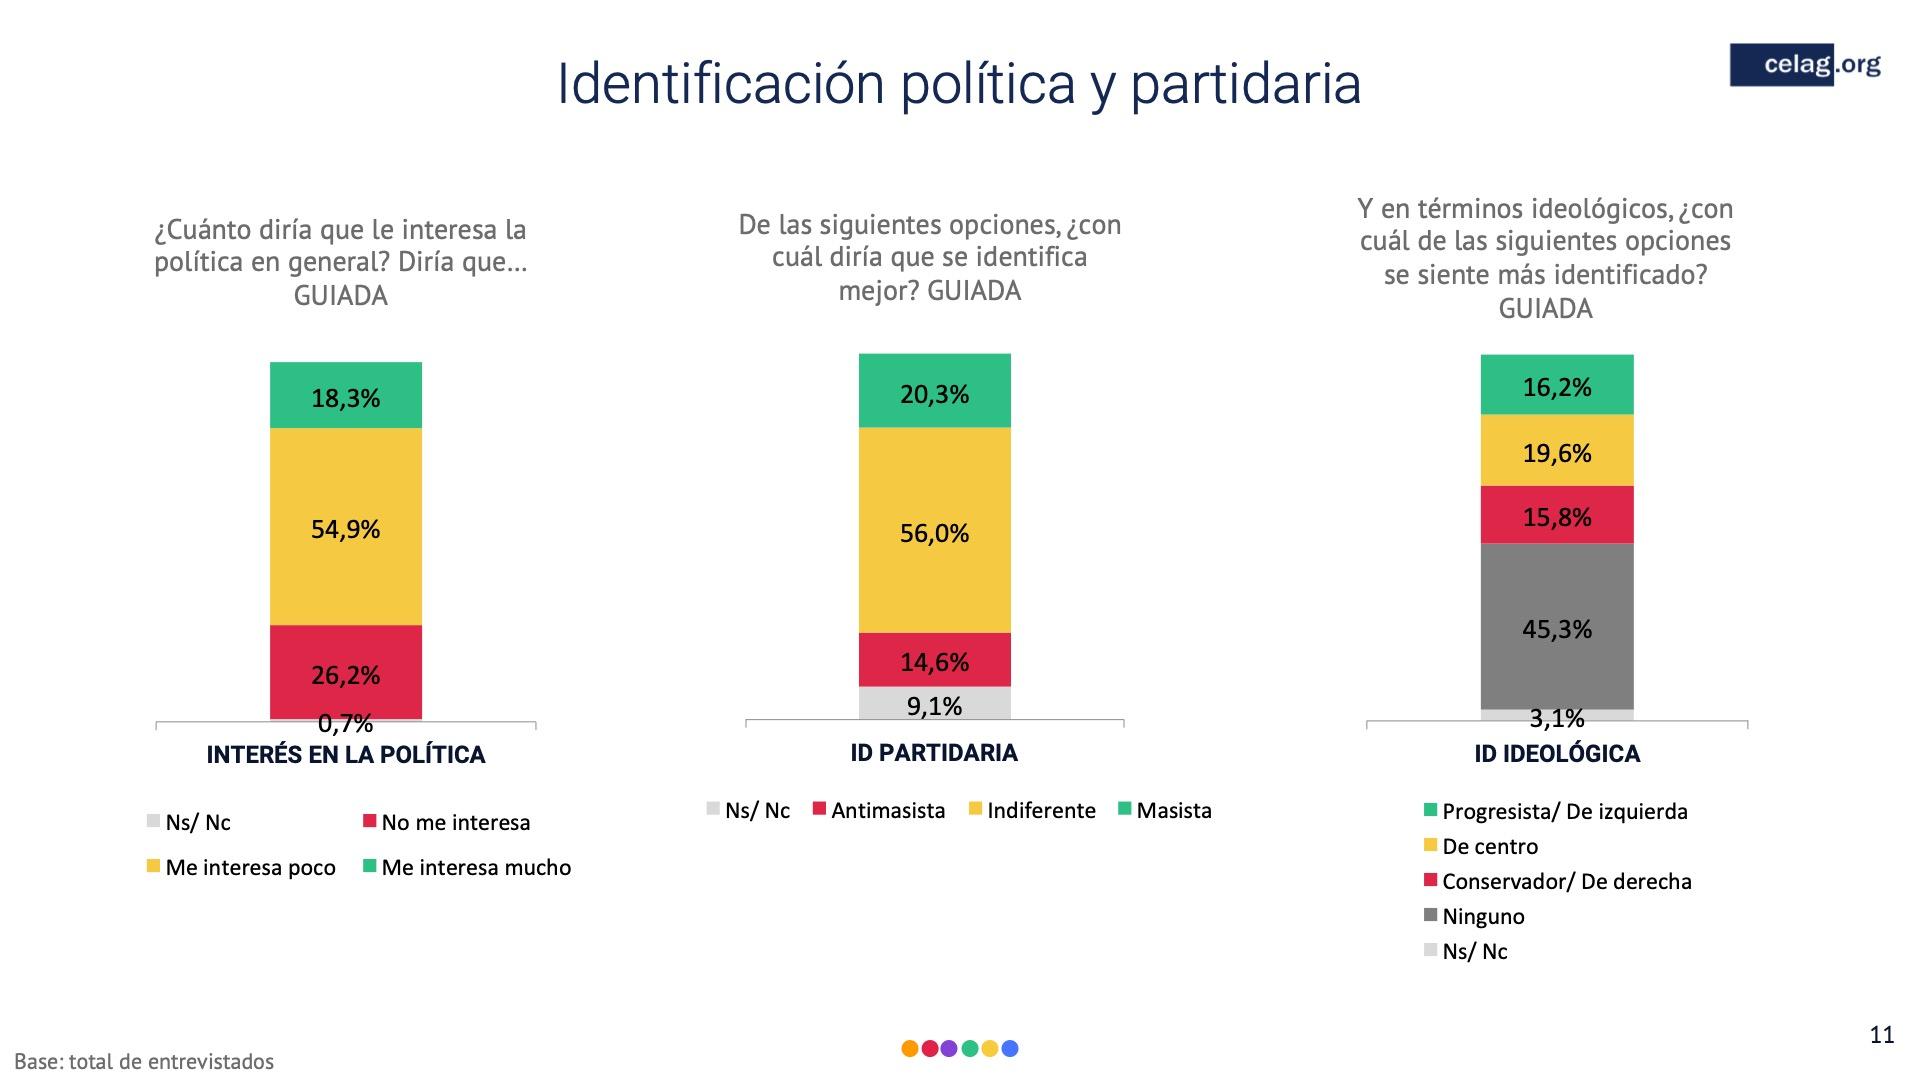 11 Elecciones boliviaidentificacion politica y partidaria